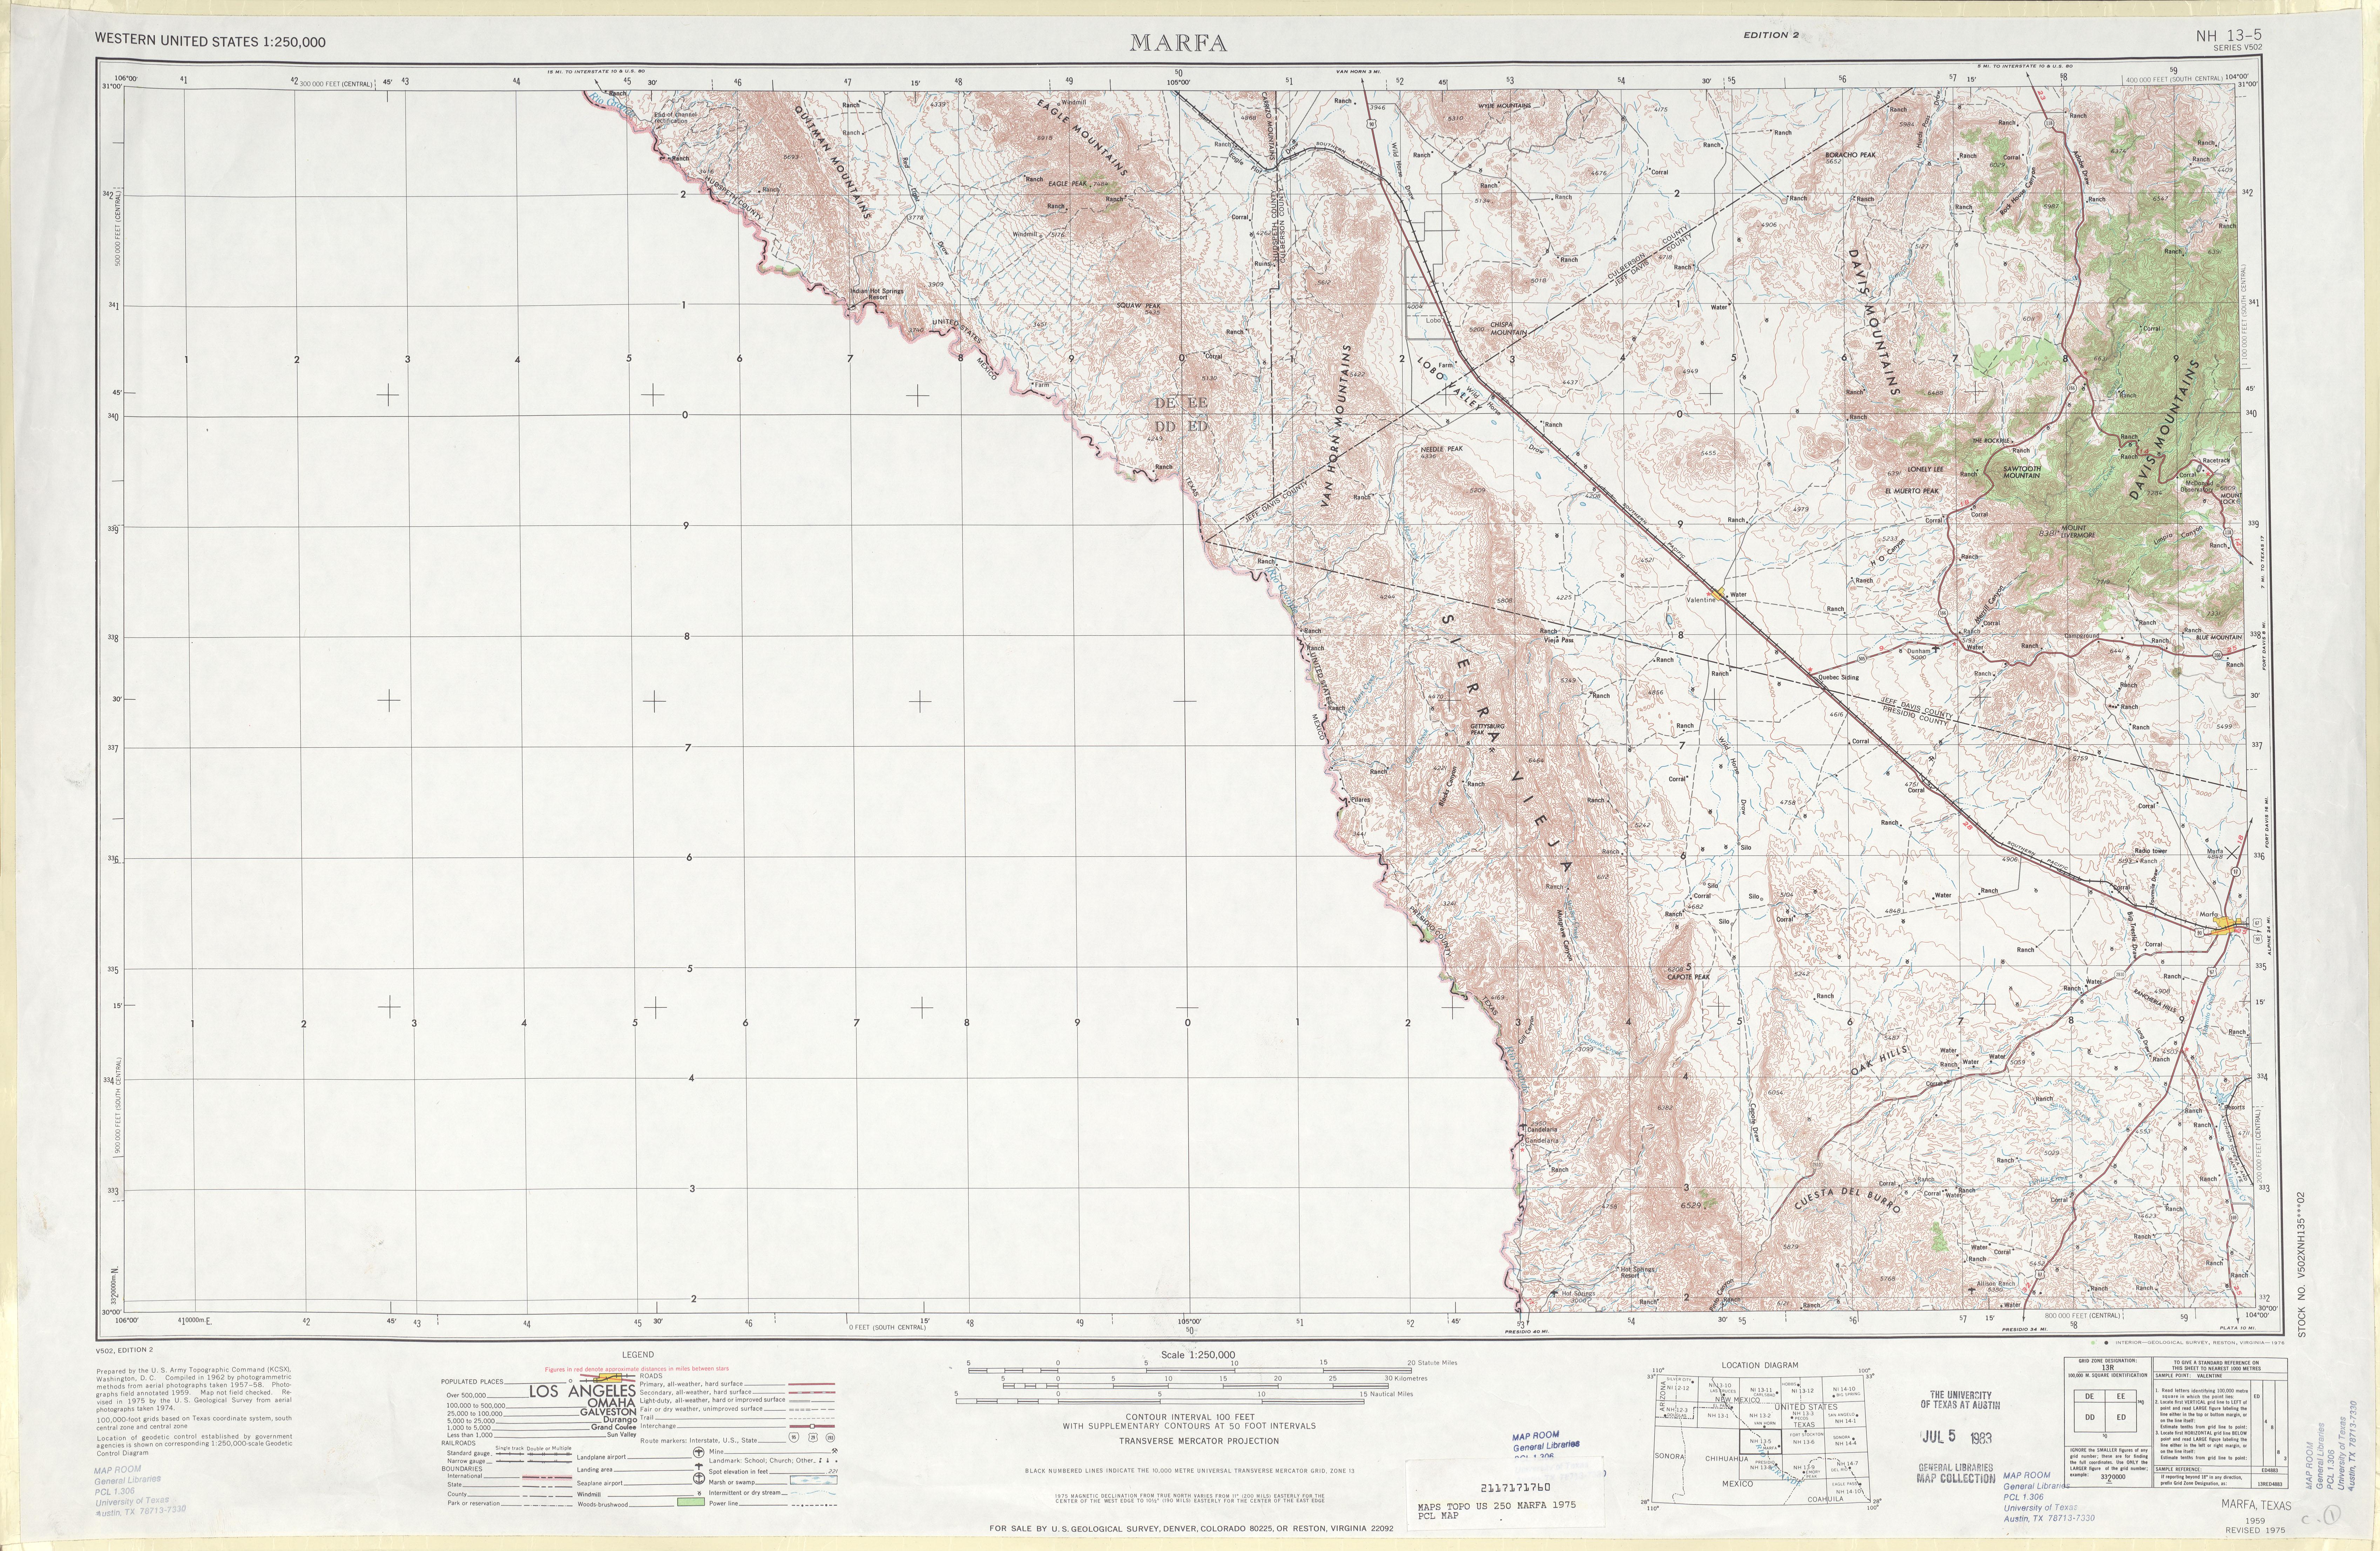 Hoja Marfa del Mapa Topográfico de los Estados Unidos 1975